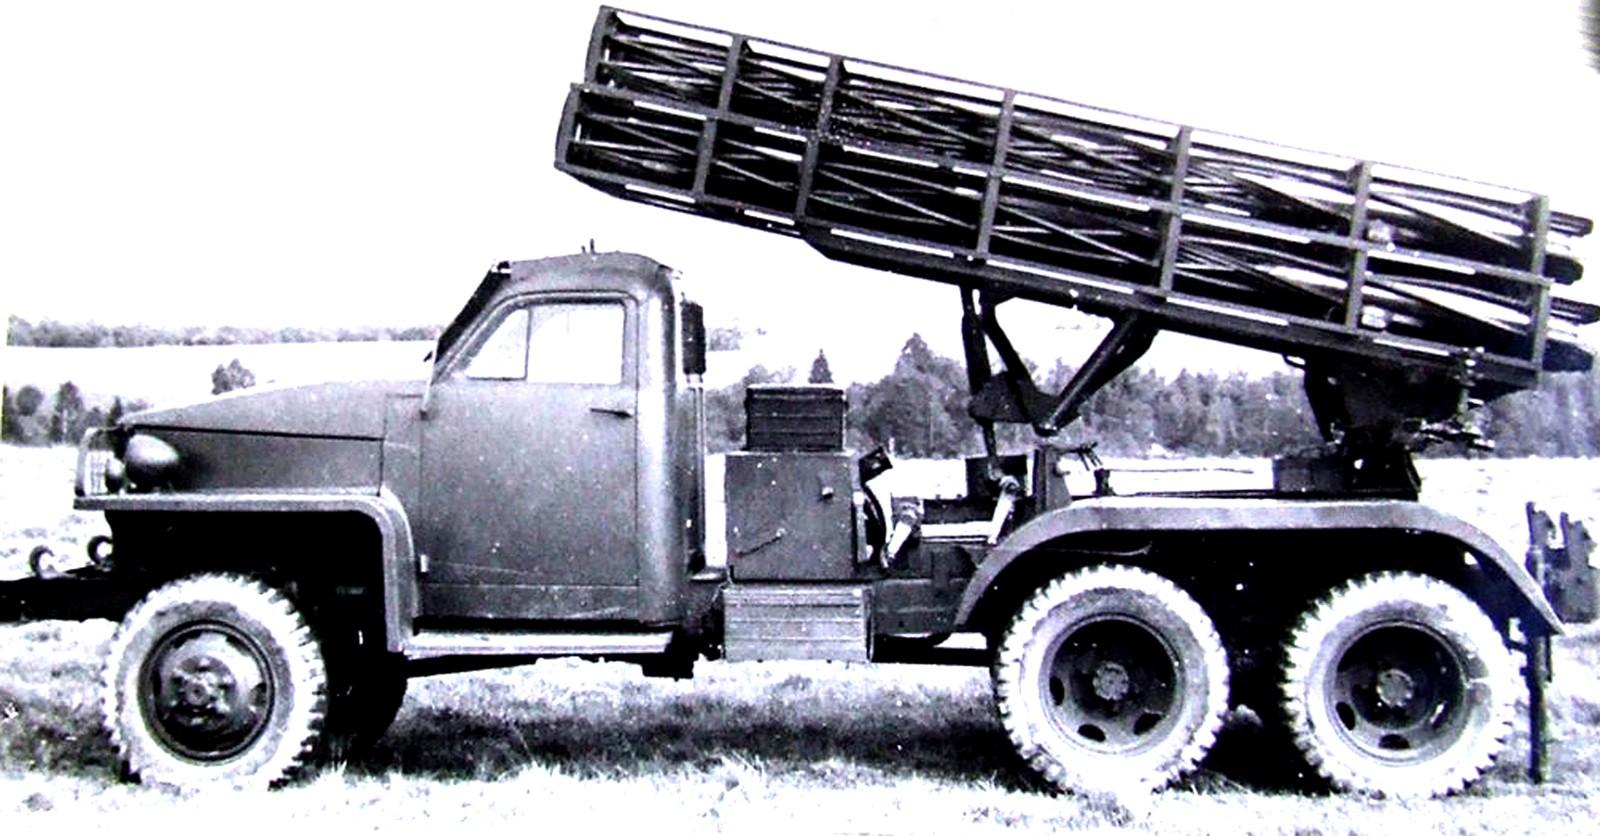 Опытная ракетная установка БМ-13СН с винтовыми направляющими. 1944 год